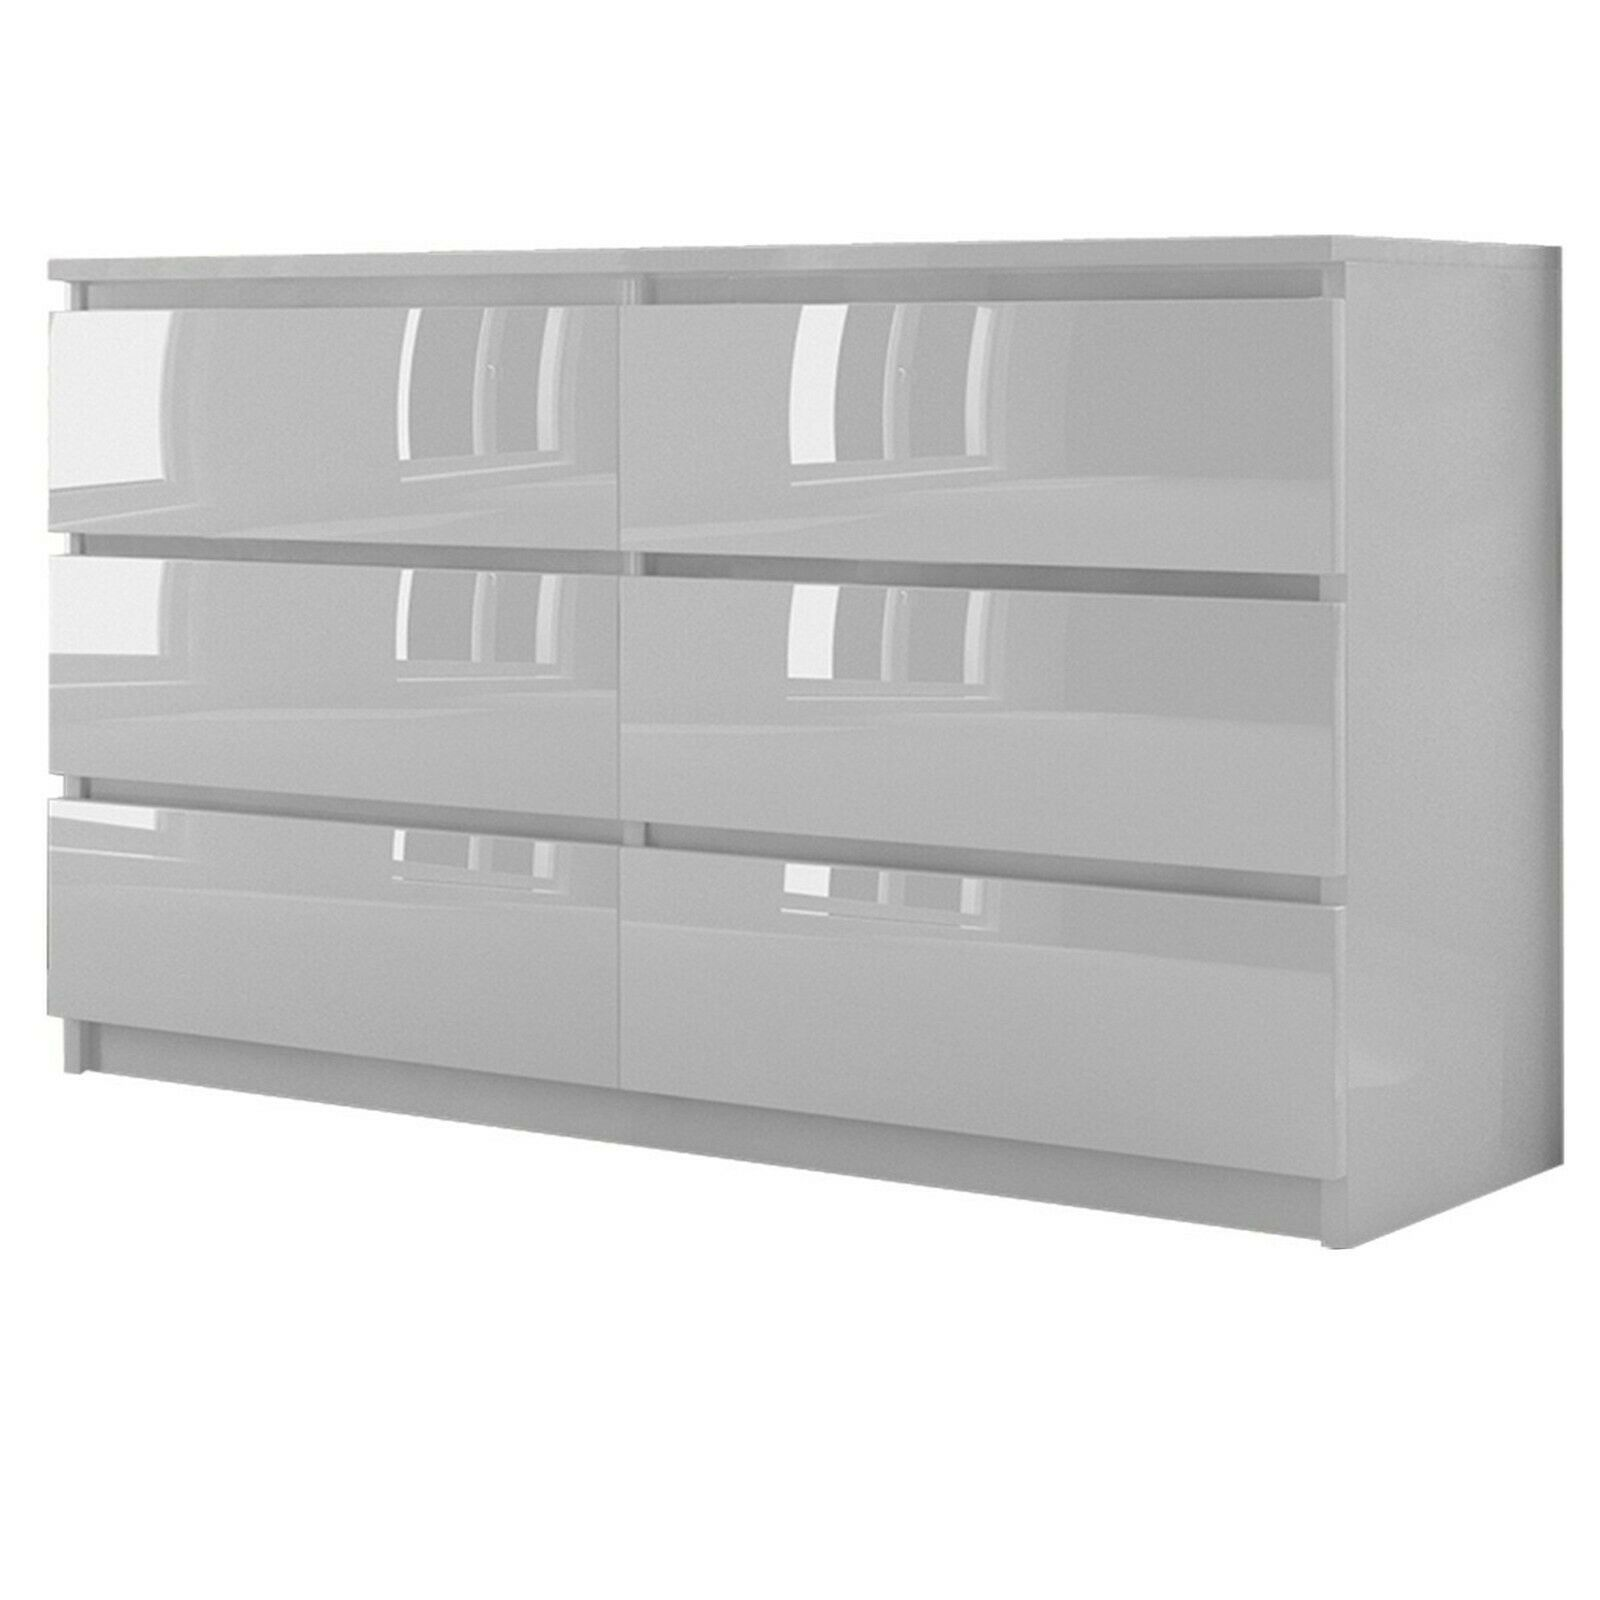 Kommode Mit 6 Schubladen 140cm Hochglanz Sideboard Weiss Anrichte Ebay In 2020 Anrichte Weiss Sideboard Weiss Kommode